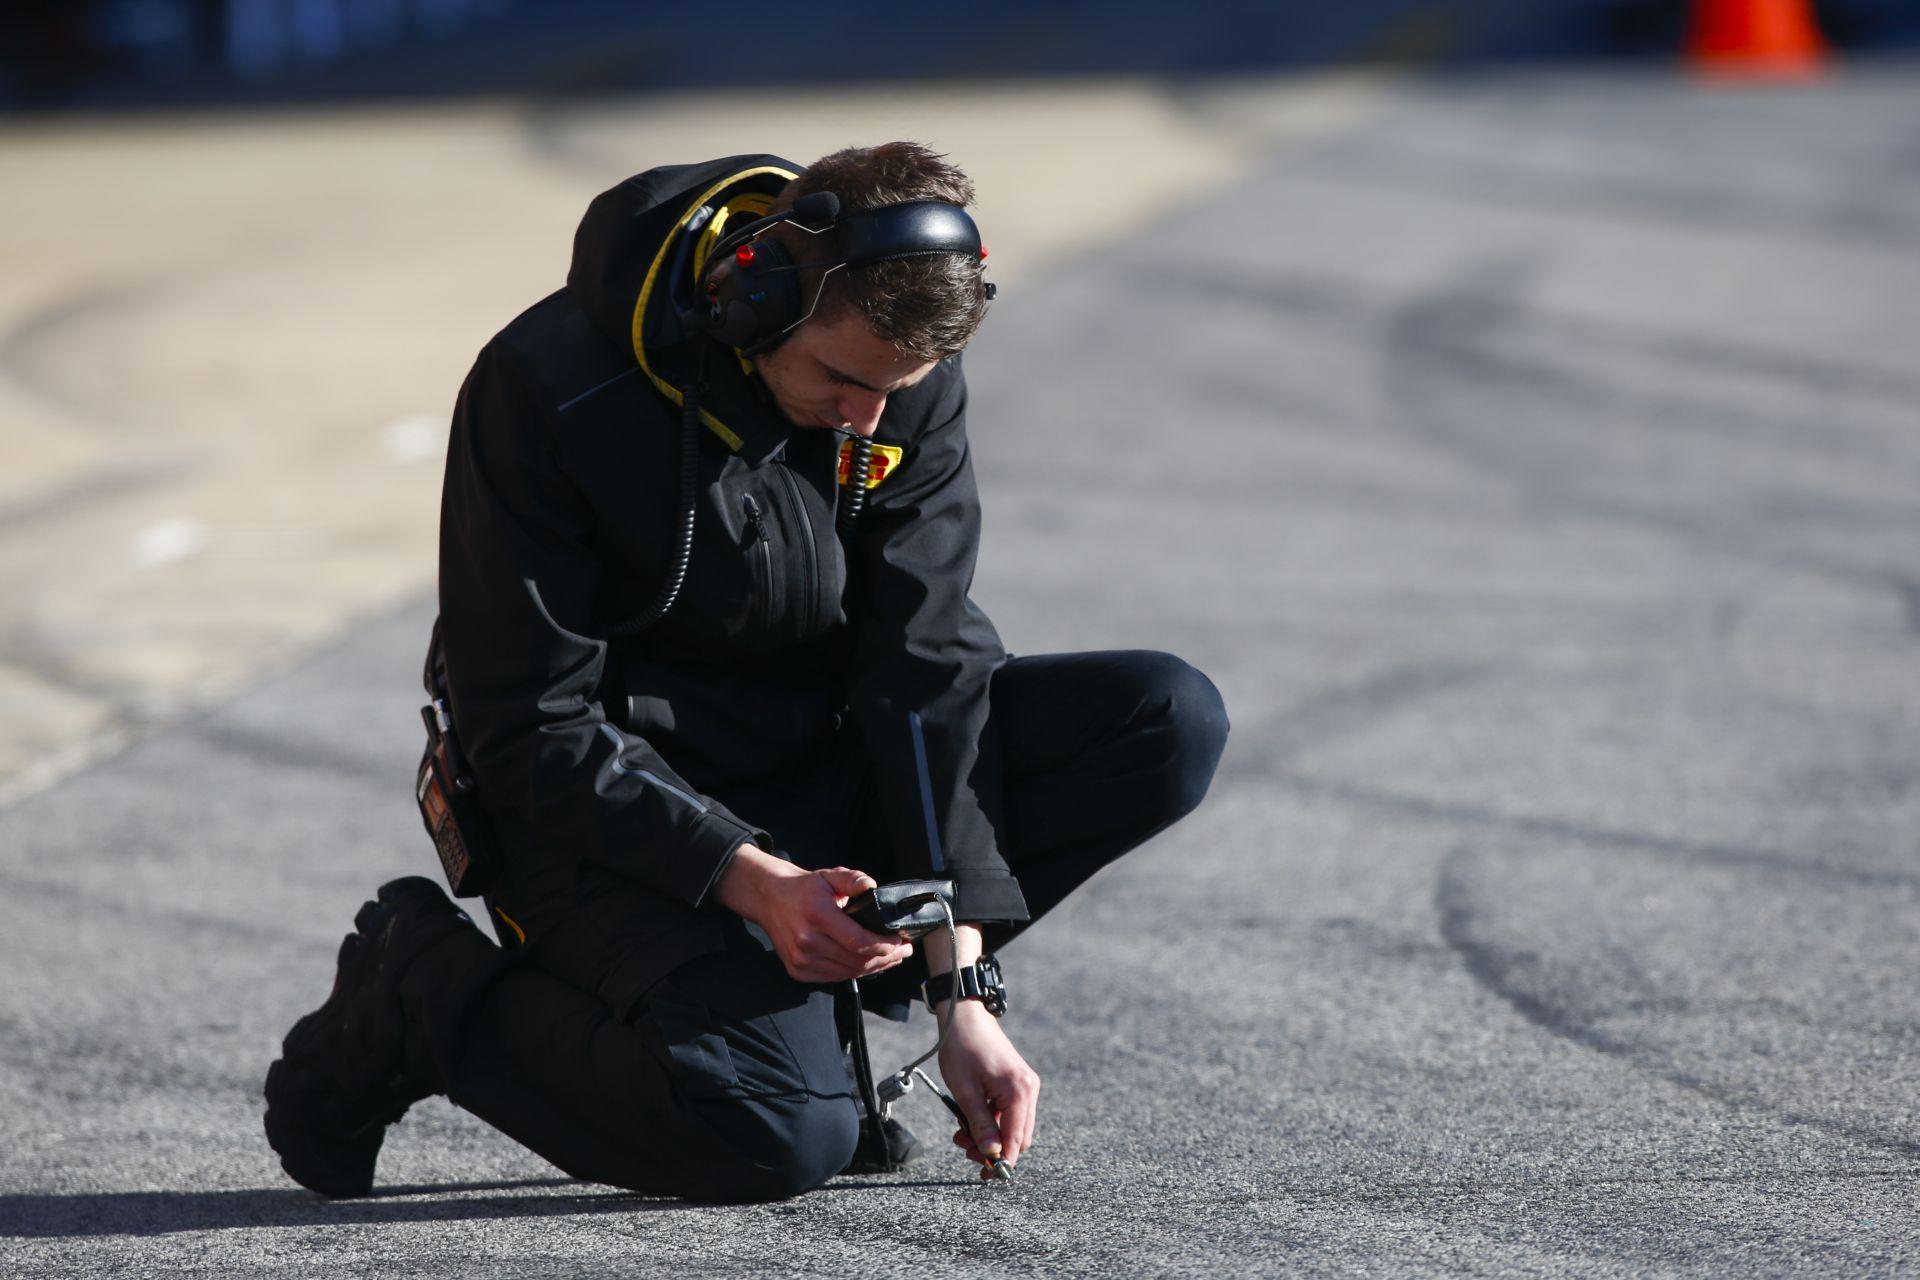 Figyeld a Ferrari csapatfőnökének arcát, miközben a Pirelli szóvivőjével beszél a defektet követően